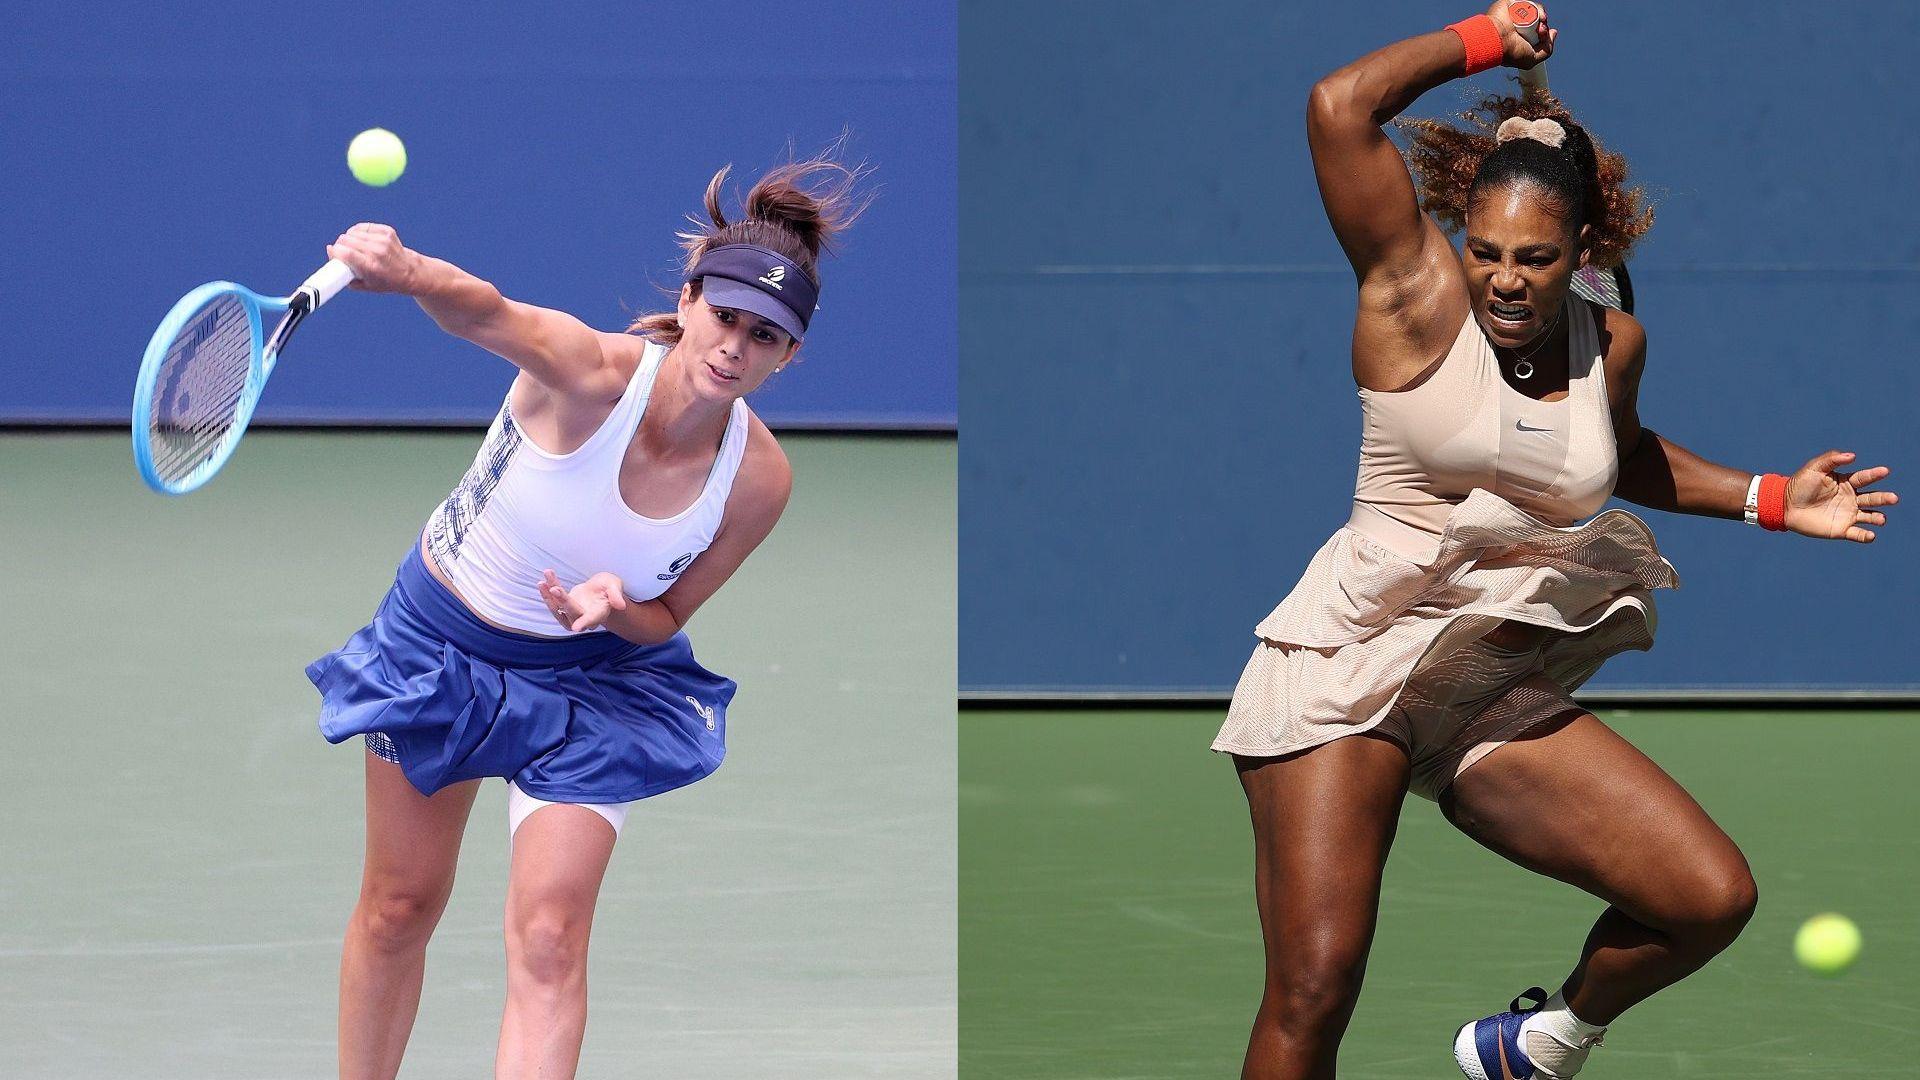 Приказката на Цвети продължава със Серина - невъзможната мисия на родния тенис